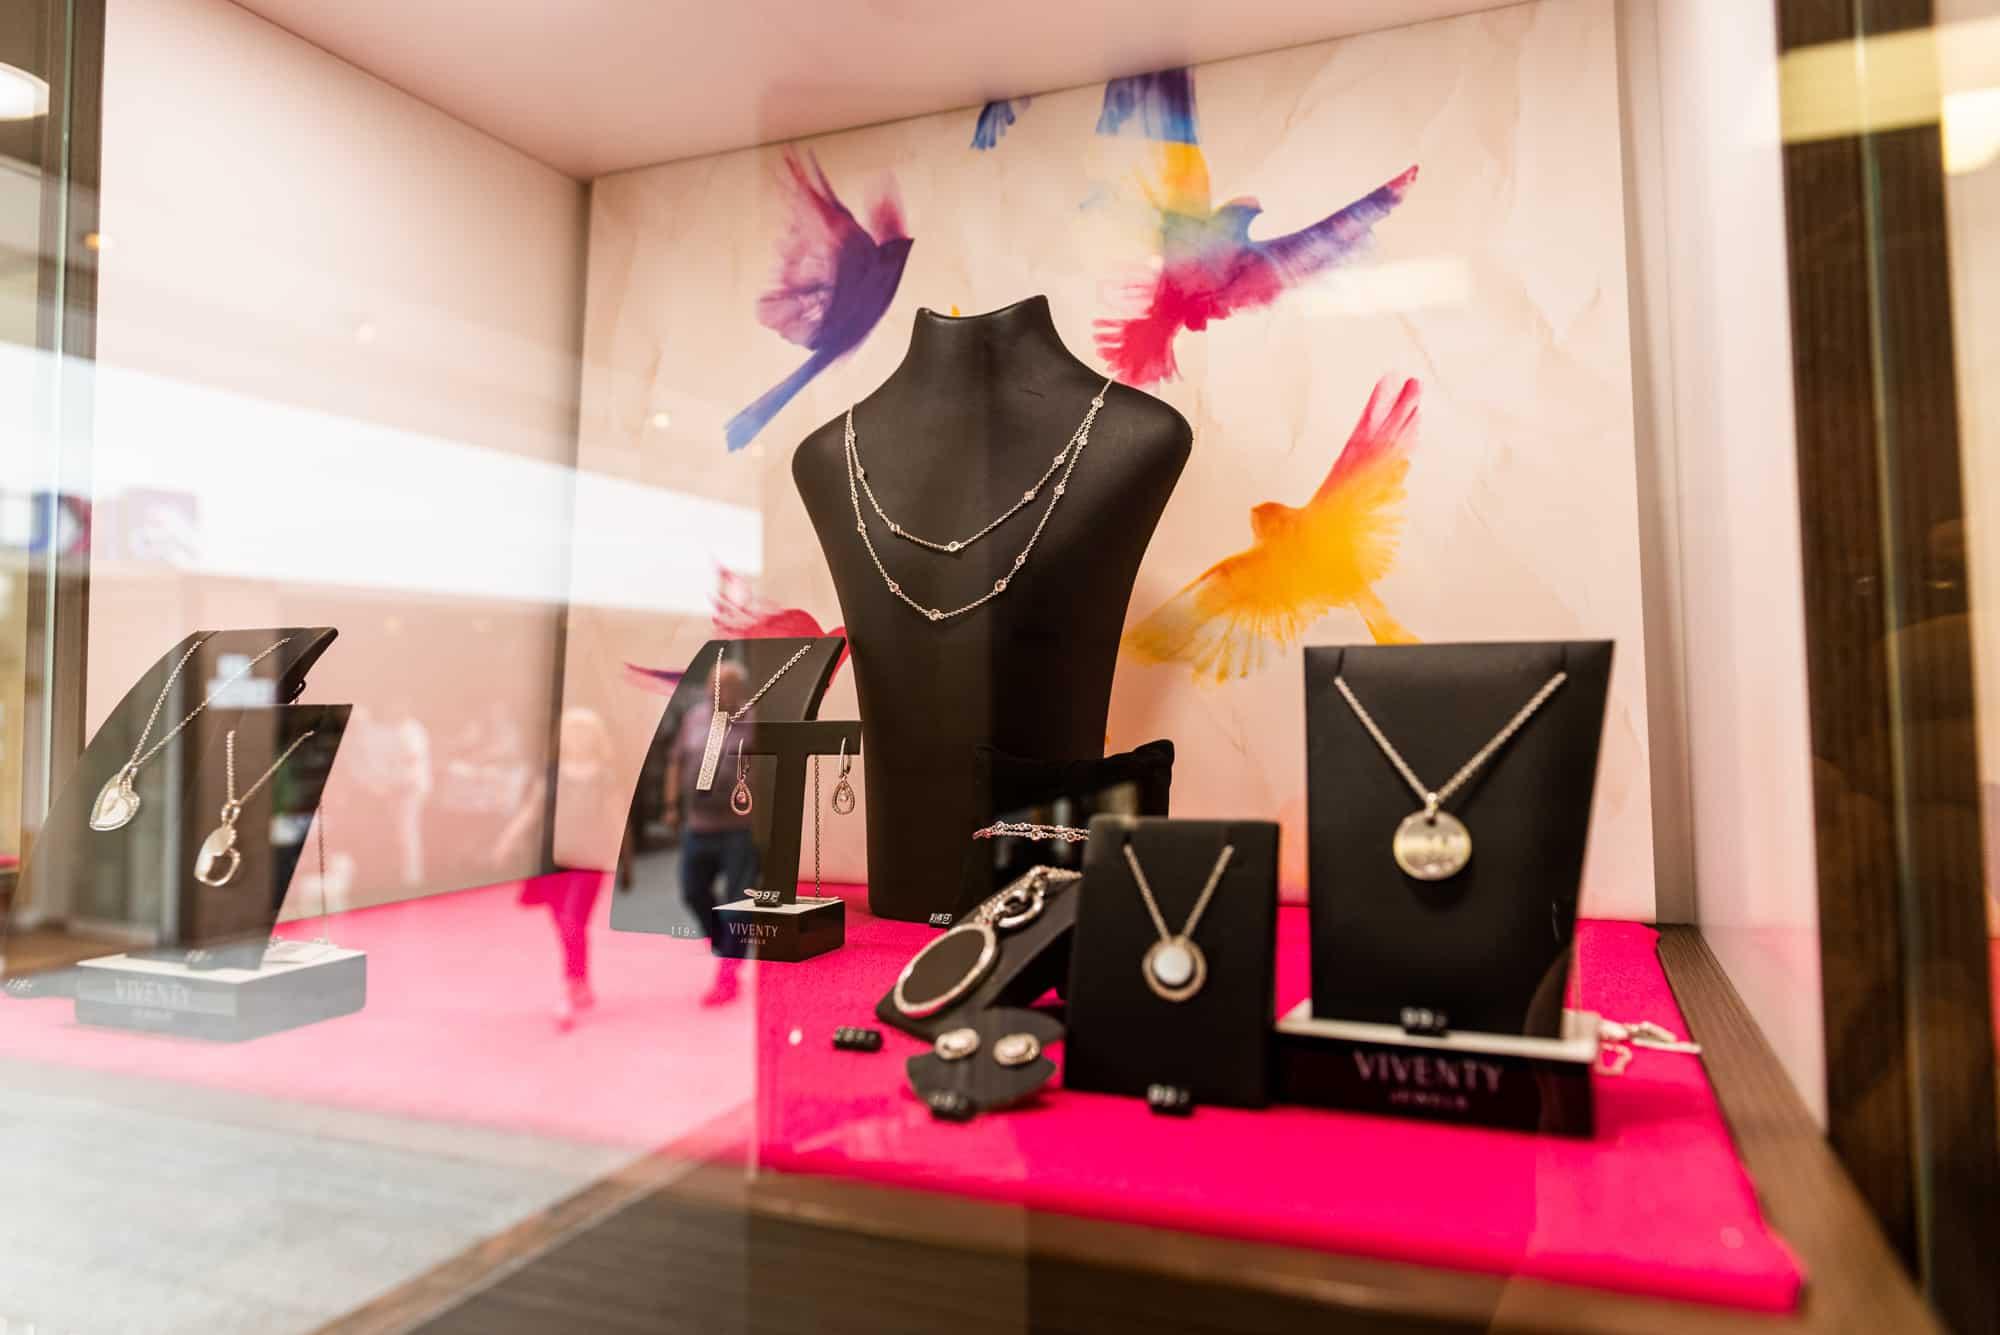 Juwelier 7